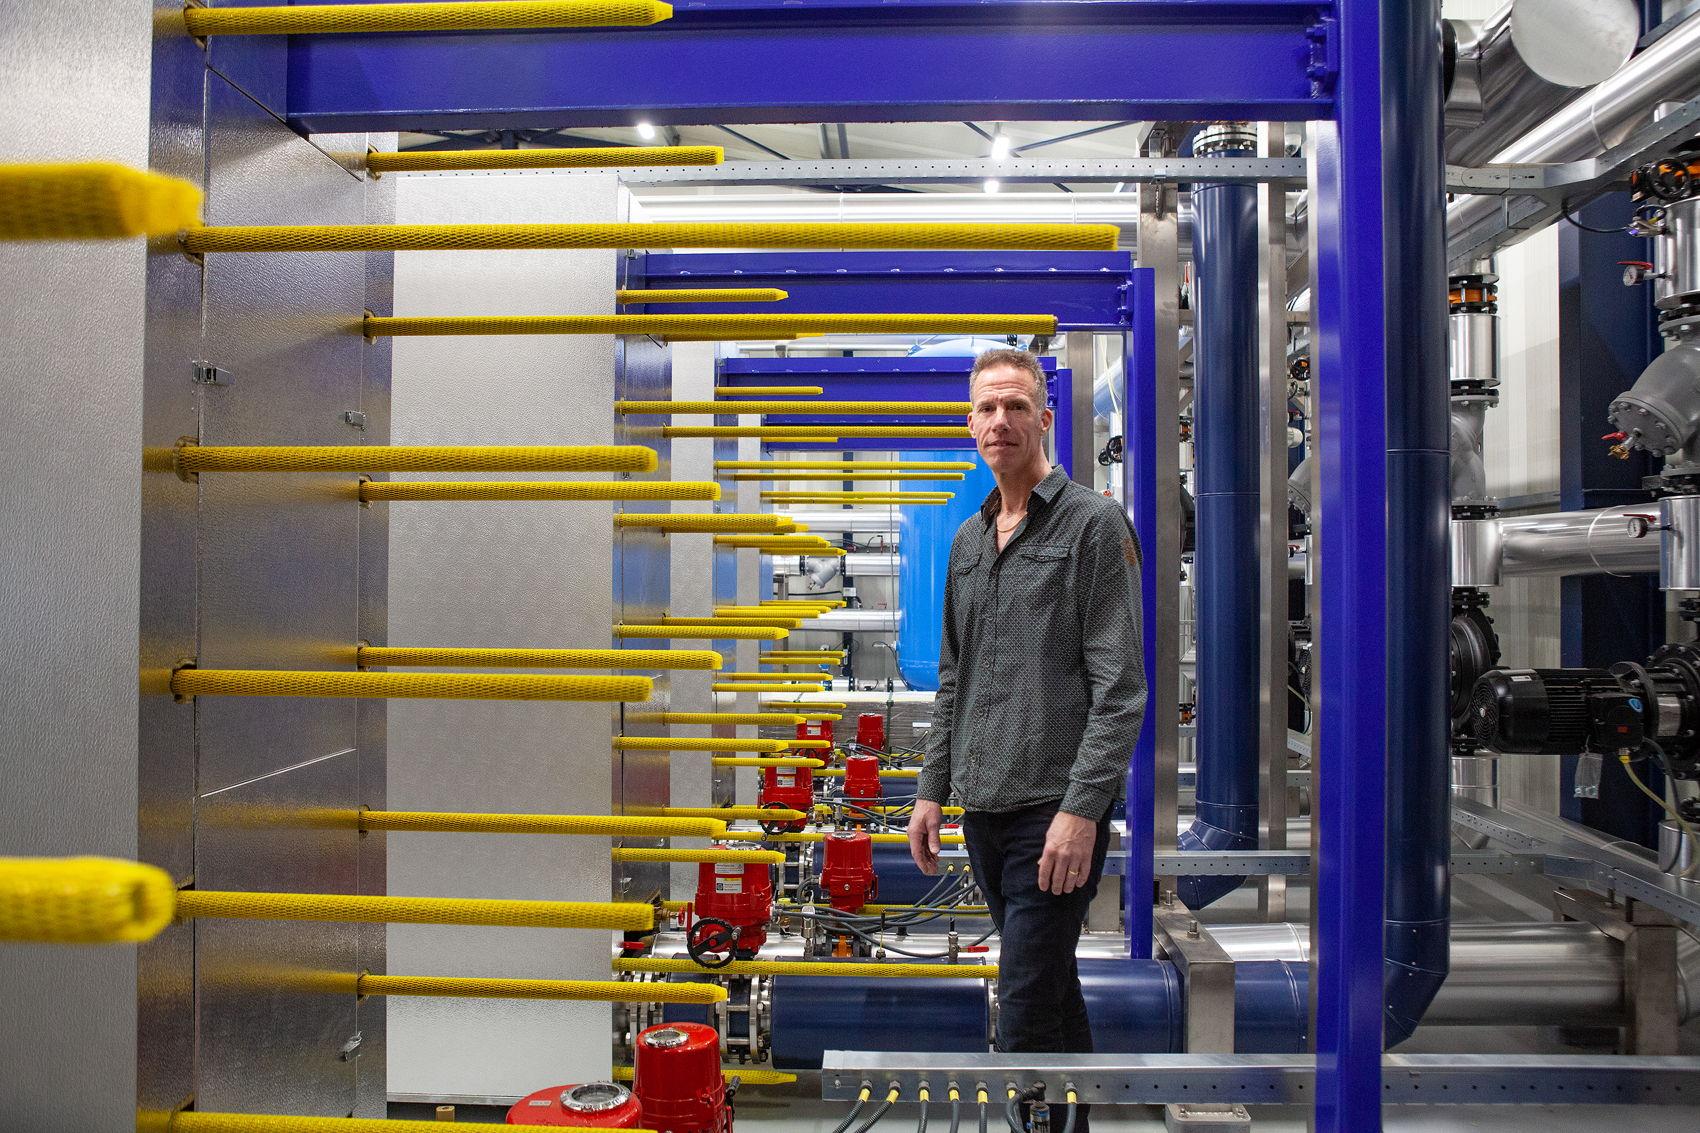 Foto van Paul tussen de warmtewisselaars van de geothermiecentrale